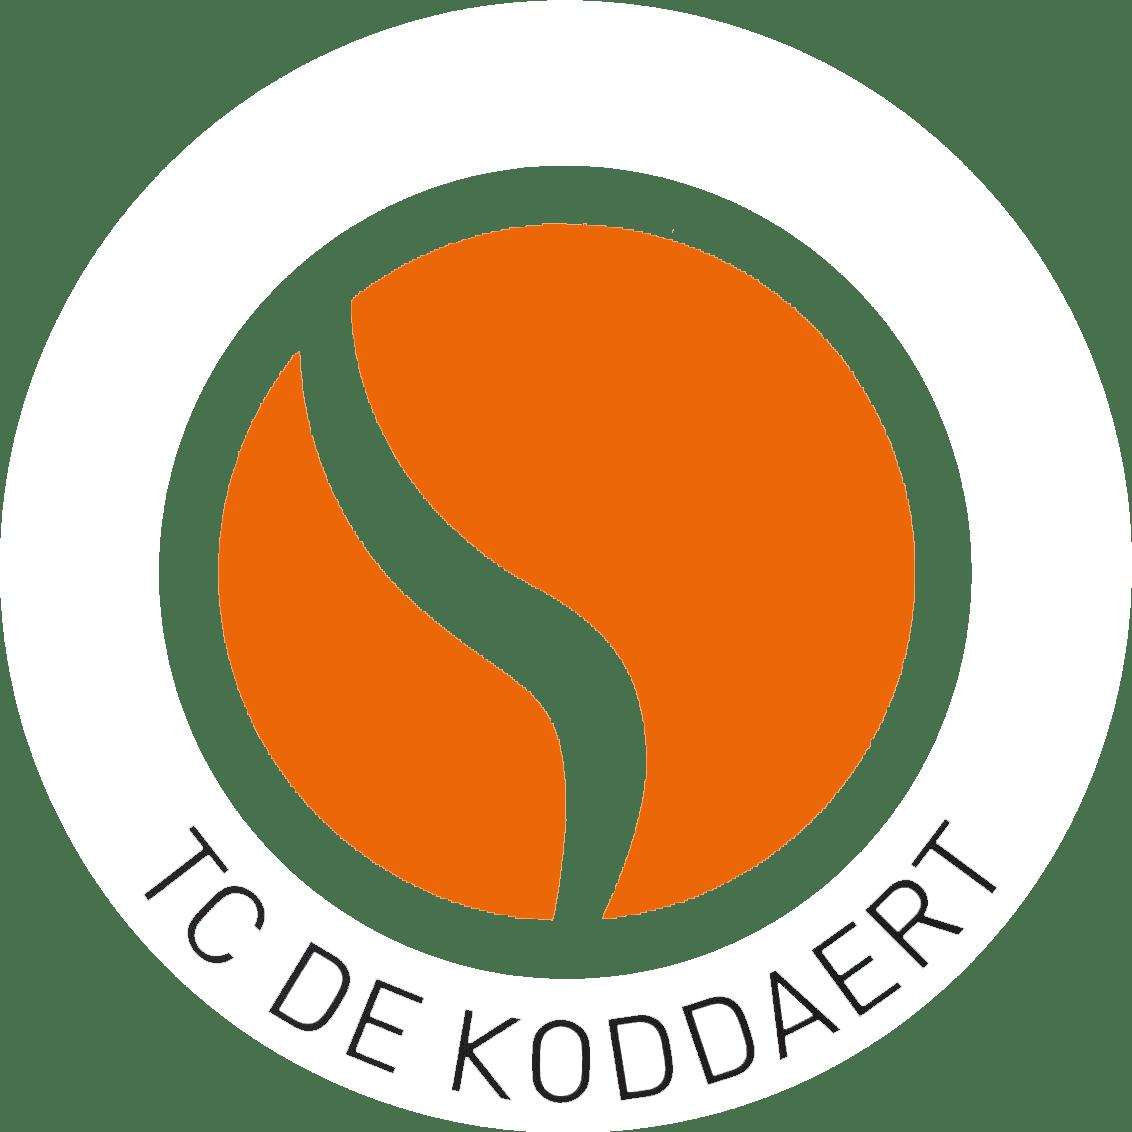 TC De Koddaert